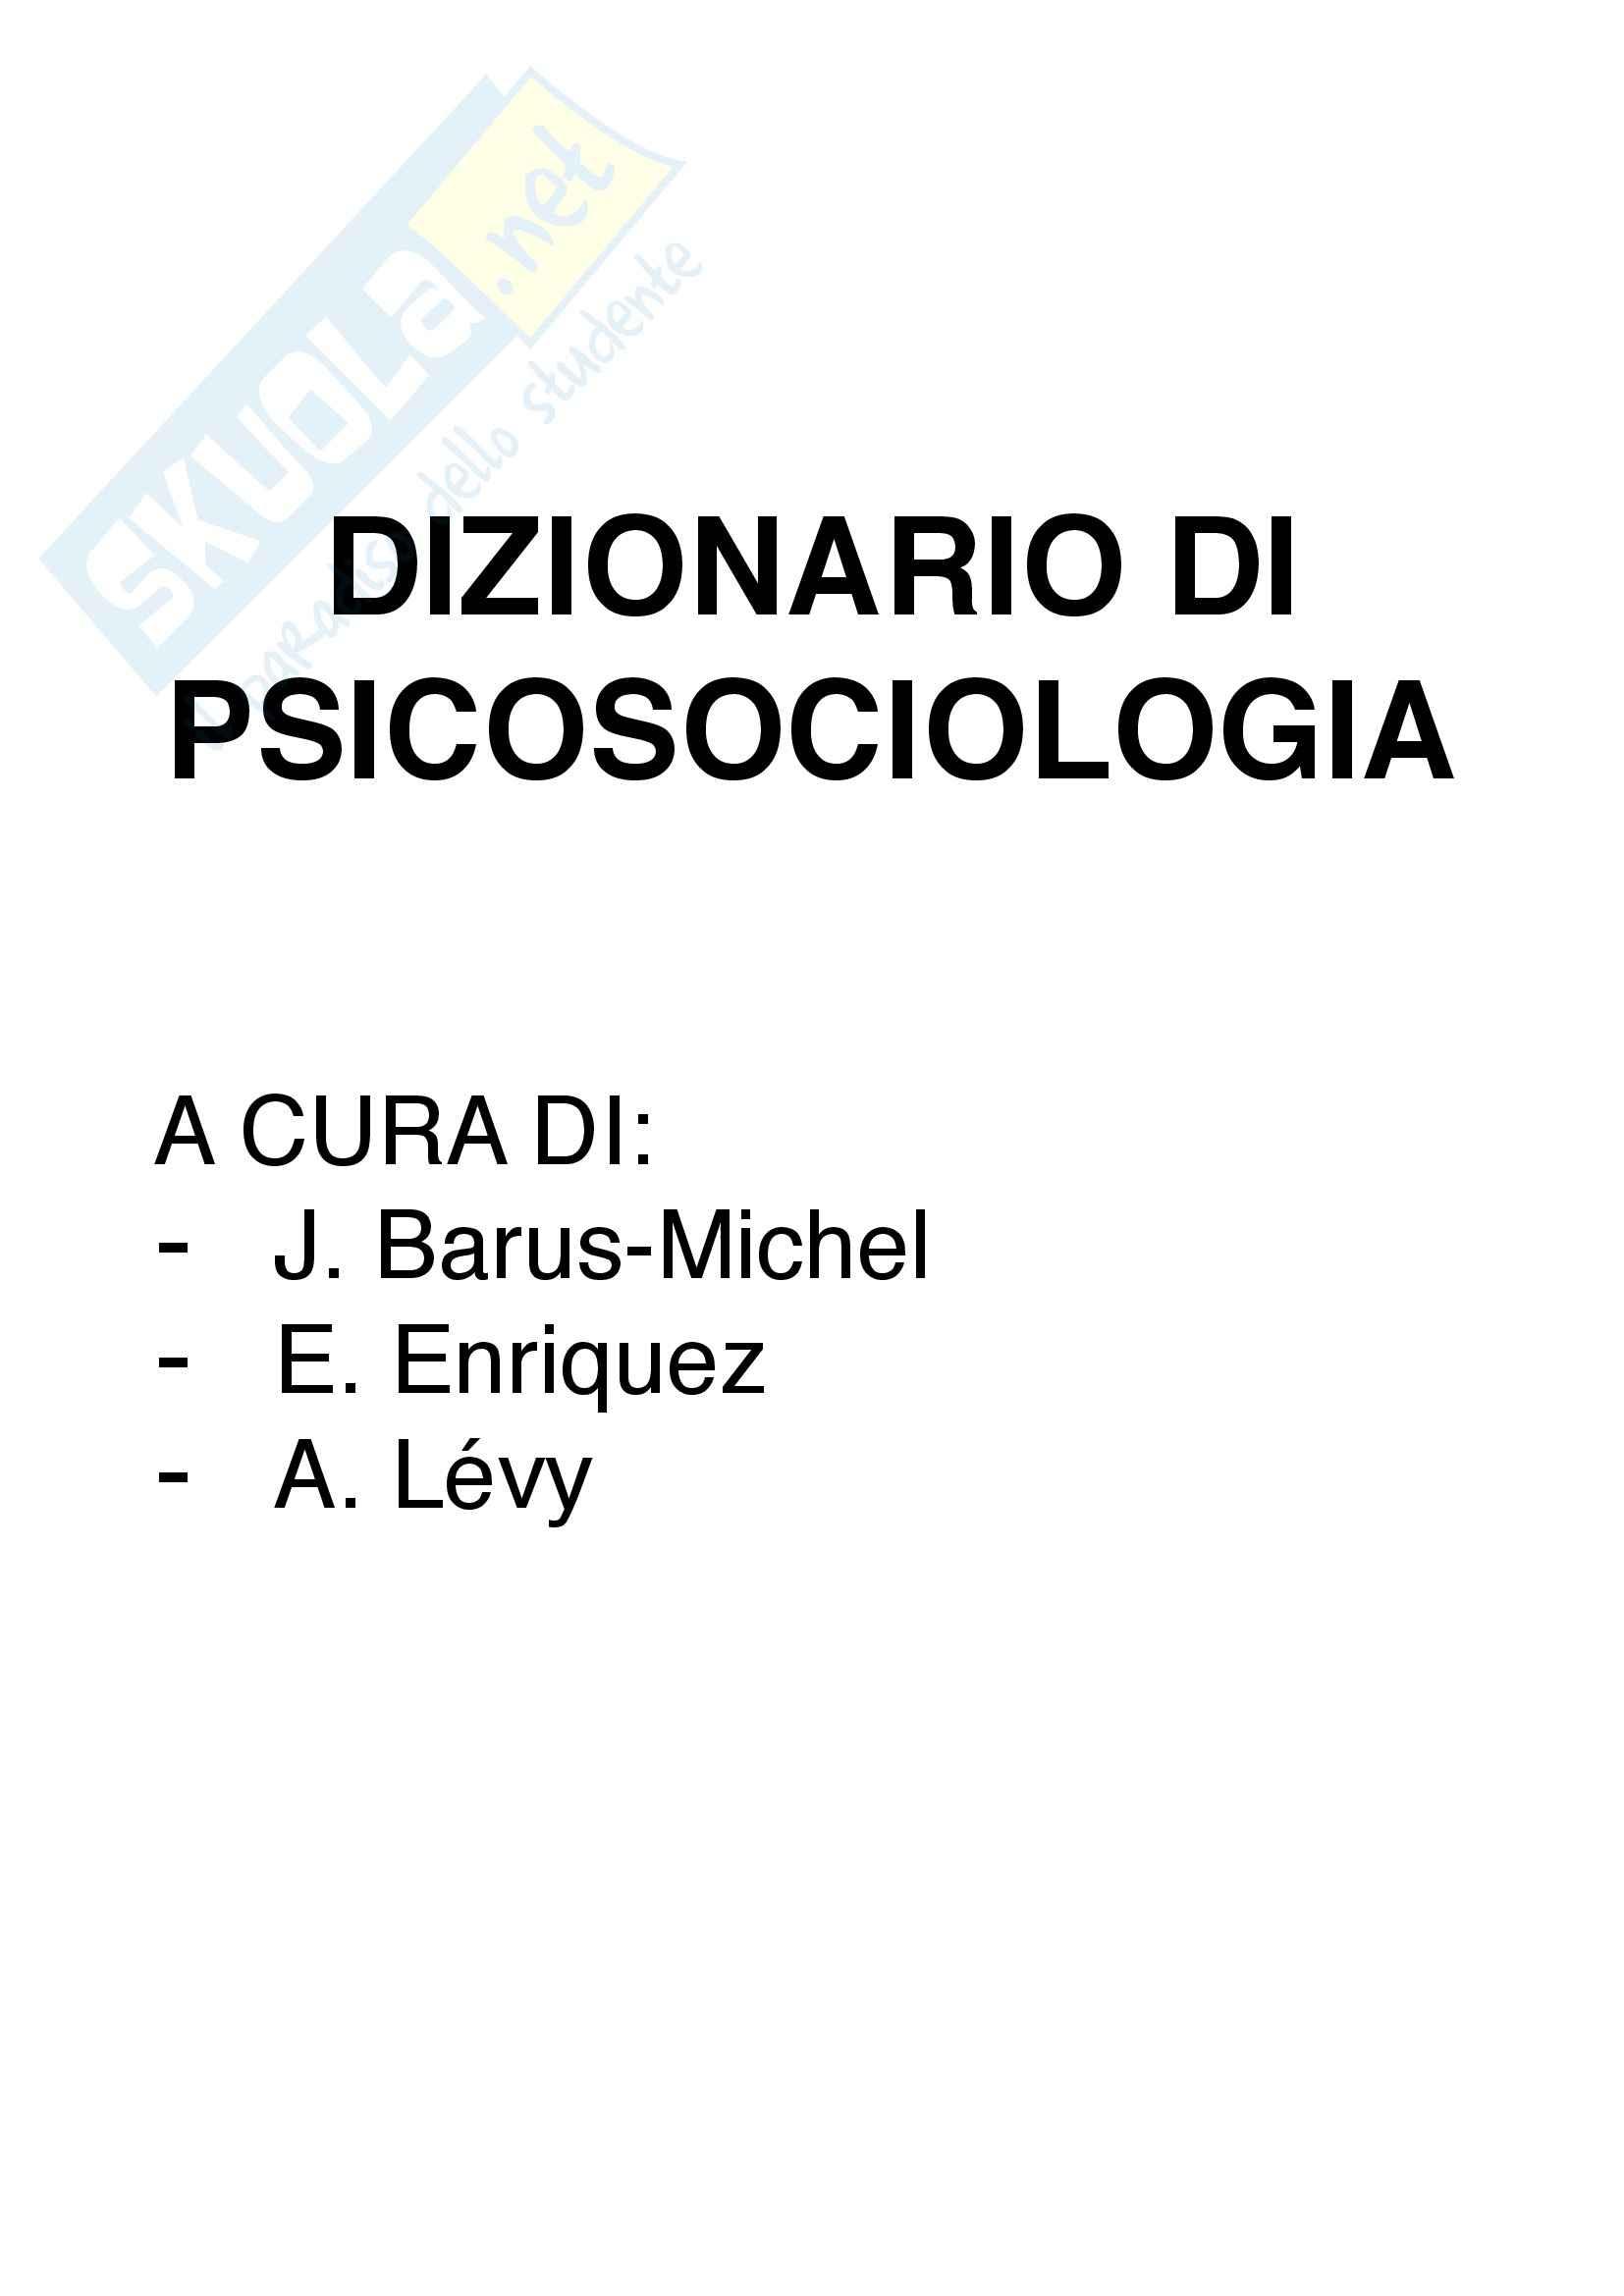 Riassunto esame Psicosociologia, prof. Maino, libro consigliato Dizionario di Psicosociologia, Barus, Michel, Enriquez